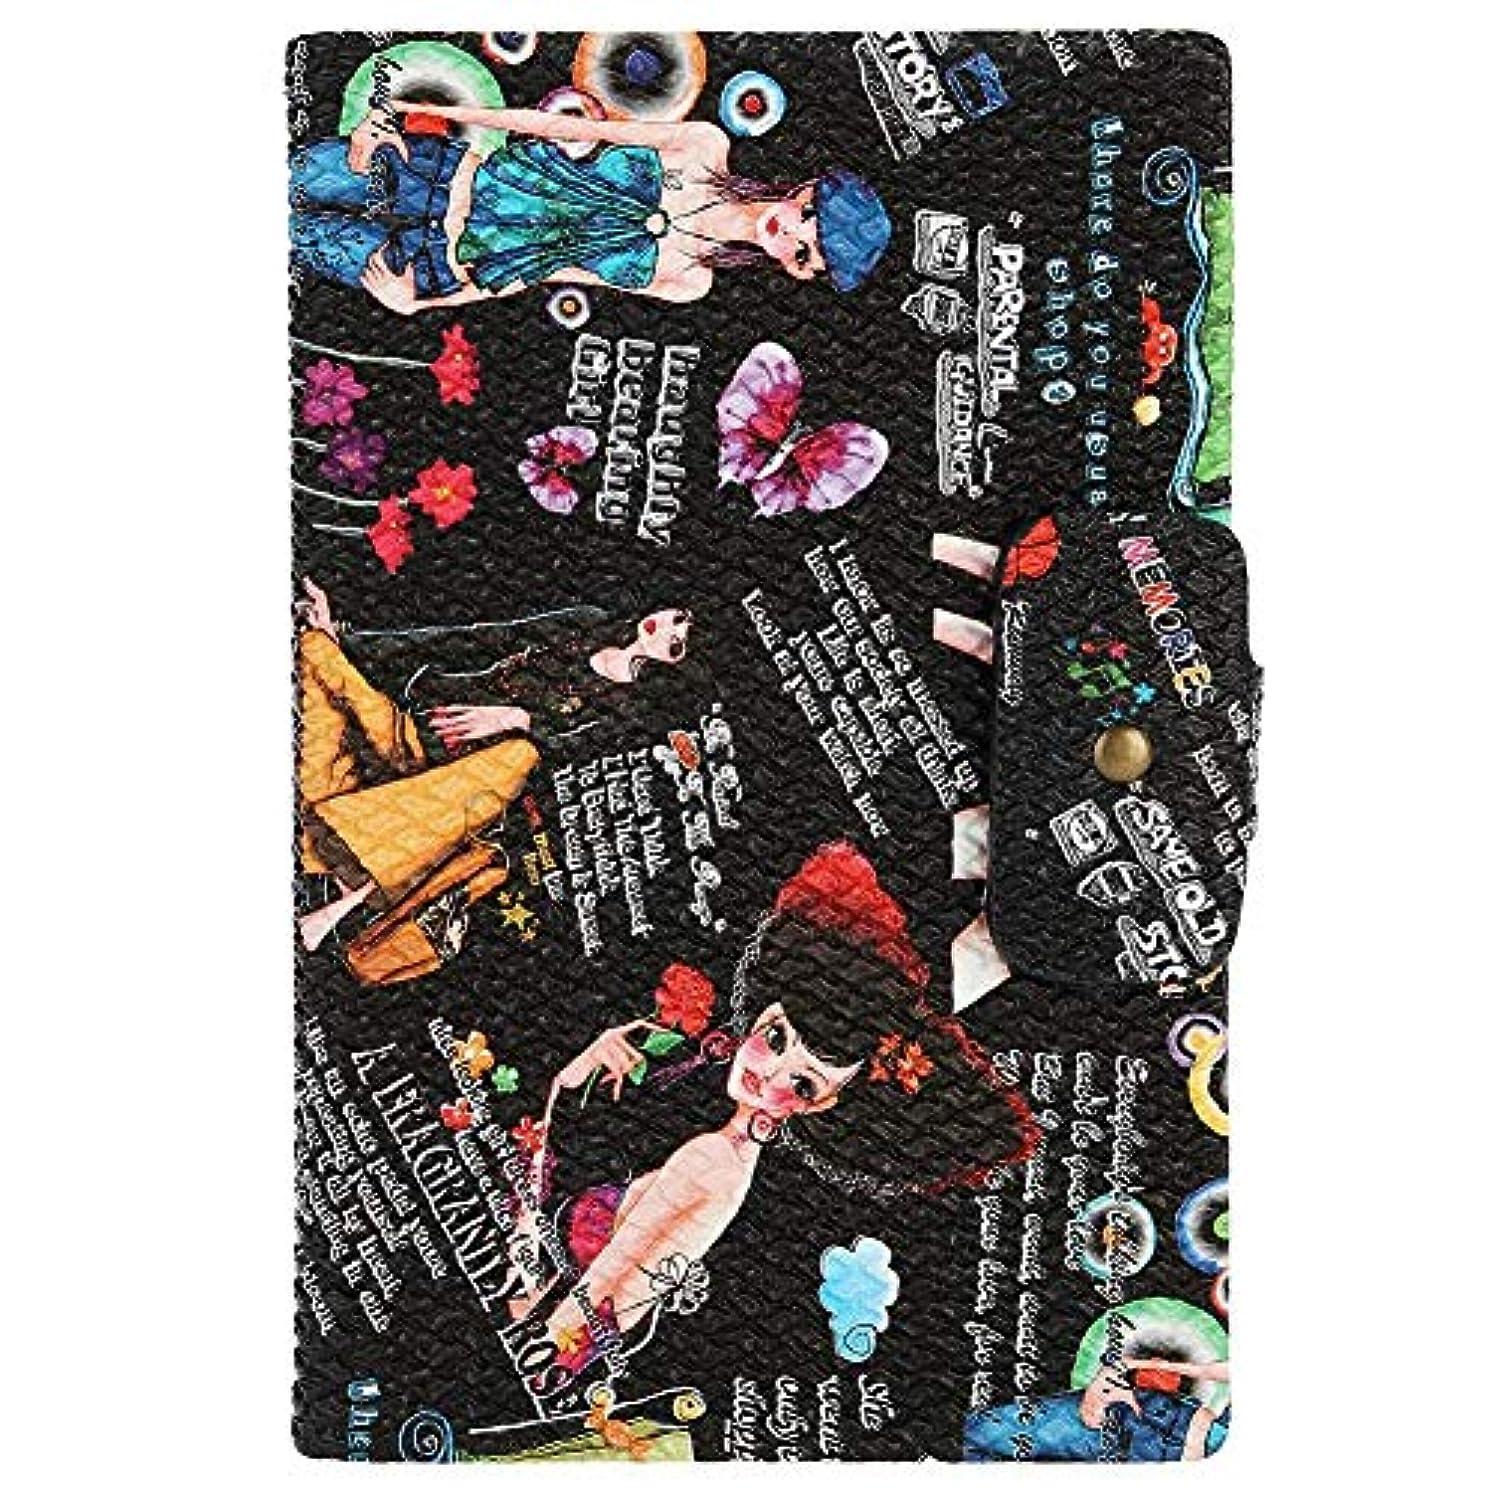 スケジュールヘクタール風刺ネイルアートディスプレイ カード マニキュア ディスプレイボード UVジェルディスプレイカードマニキュア練習ツール(02)